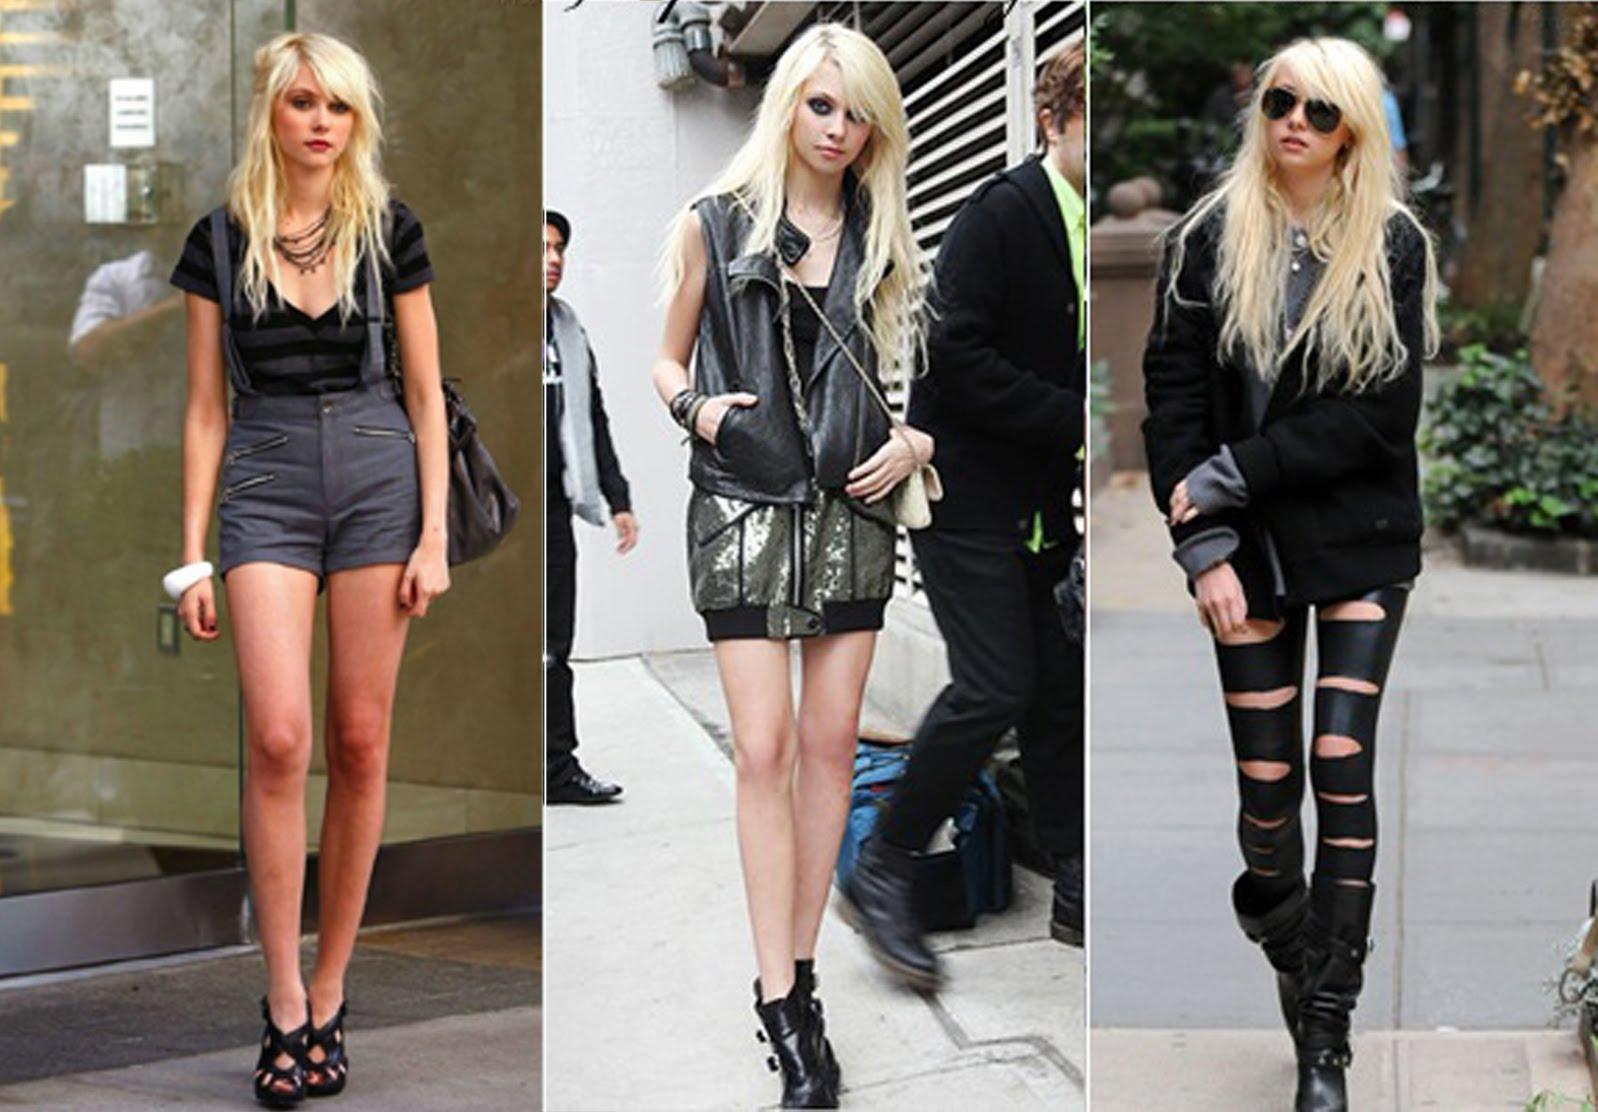 http://2.bp.blogspot.com/_NXN2rfIMSjA/S_MtH3kNOFI/AAAAAAAAAEo/_O4dQJScjVA/s1600/taylor-momsen-style+copy.jpg